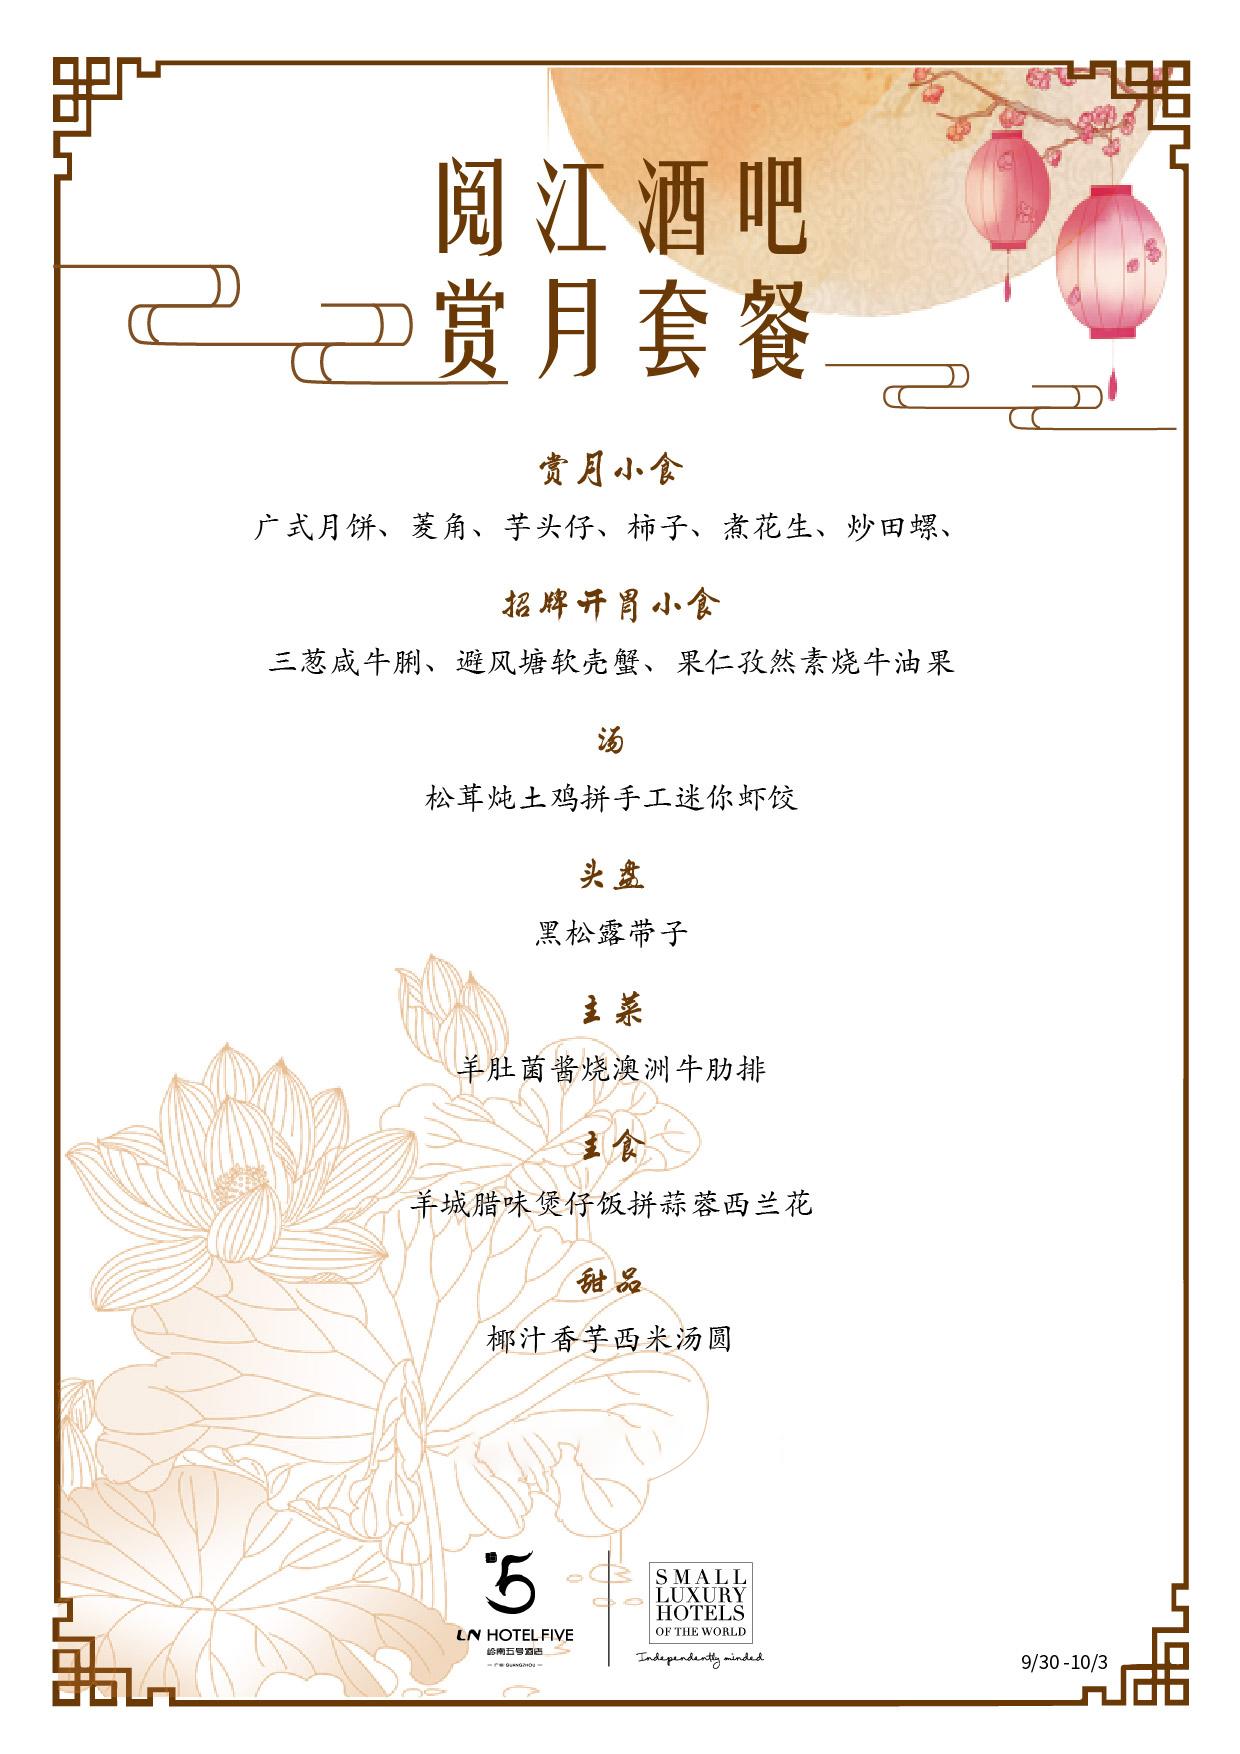 01阅江酒吧赏月套餐(已删价格).jpg